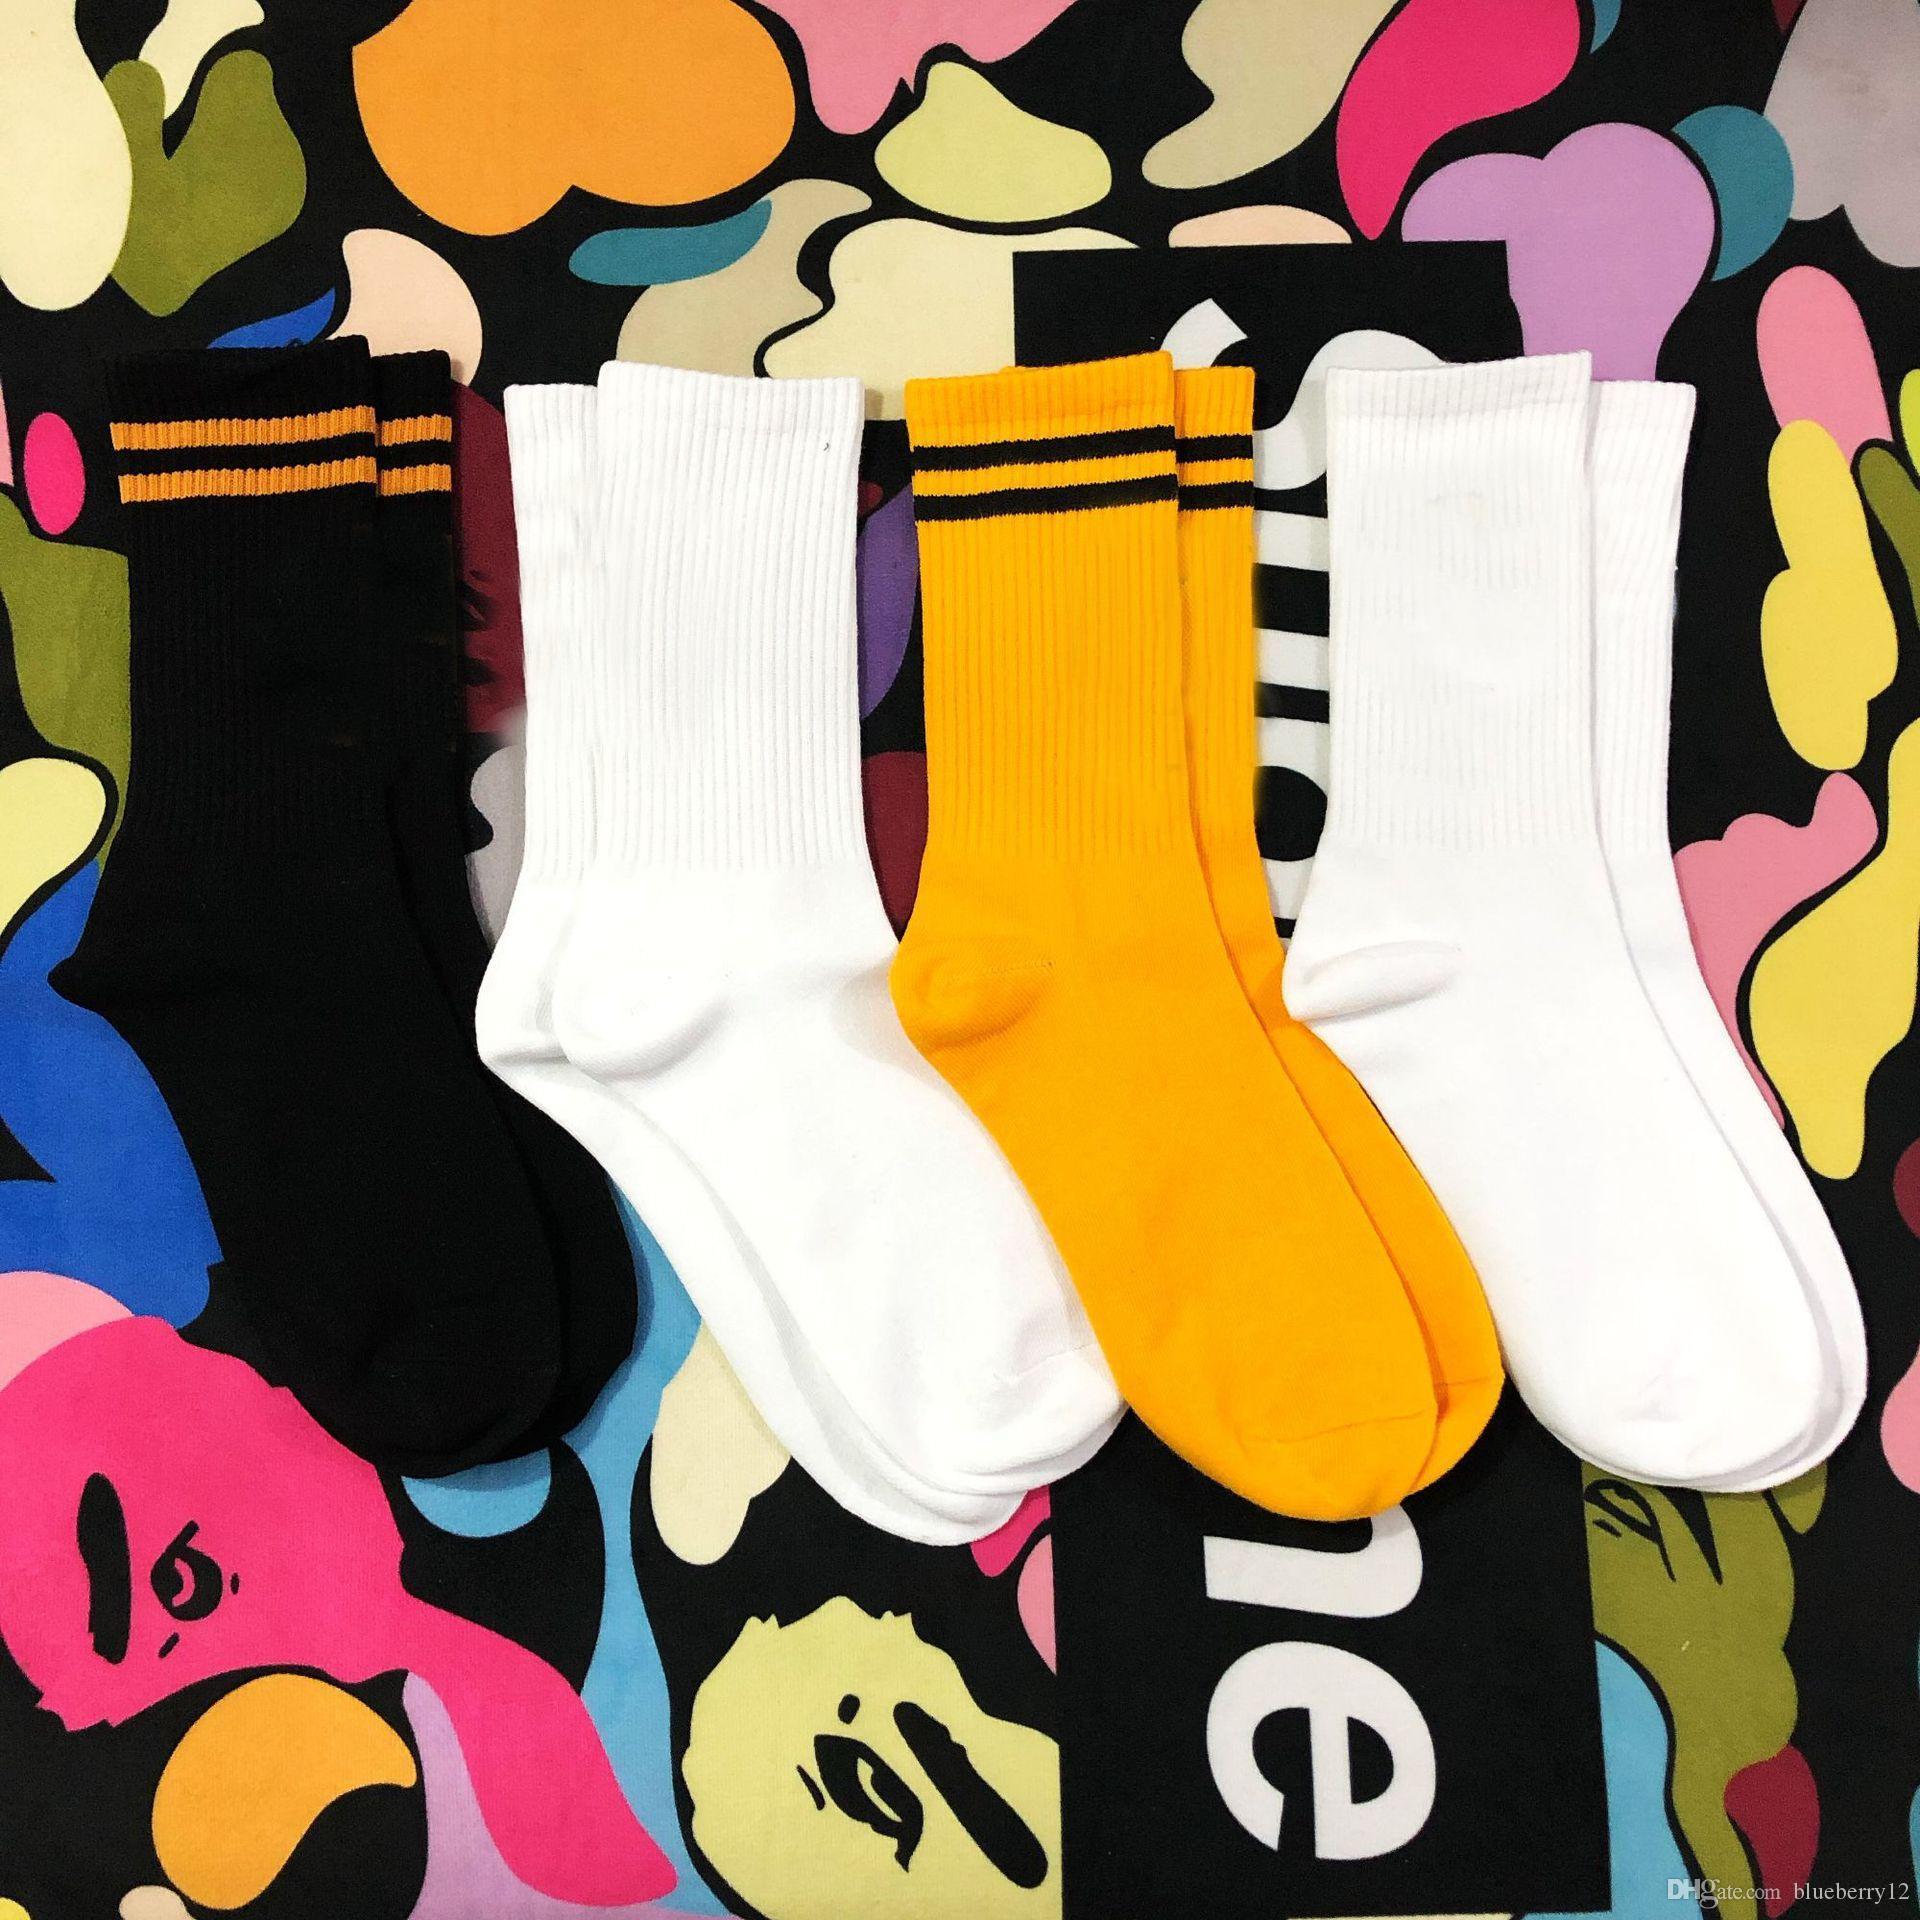 الرجال الأزياء الجوارب عارضة القطن تنفس مع 4 ألوان سكيت الهيب هوب الجوارب الرياضية للذكور